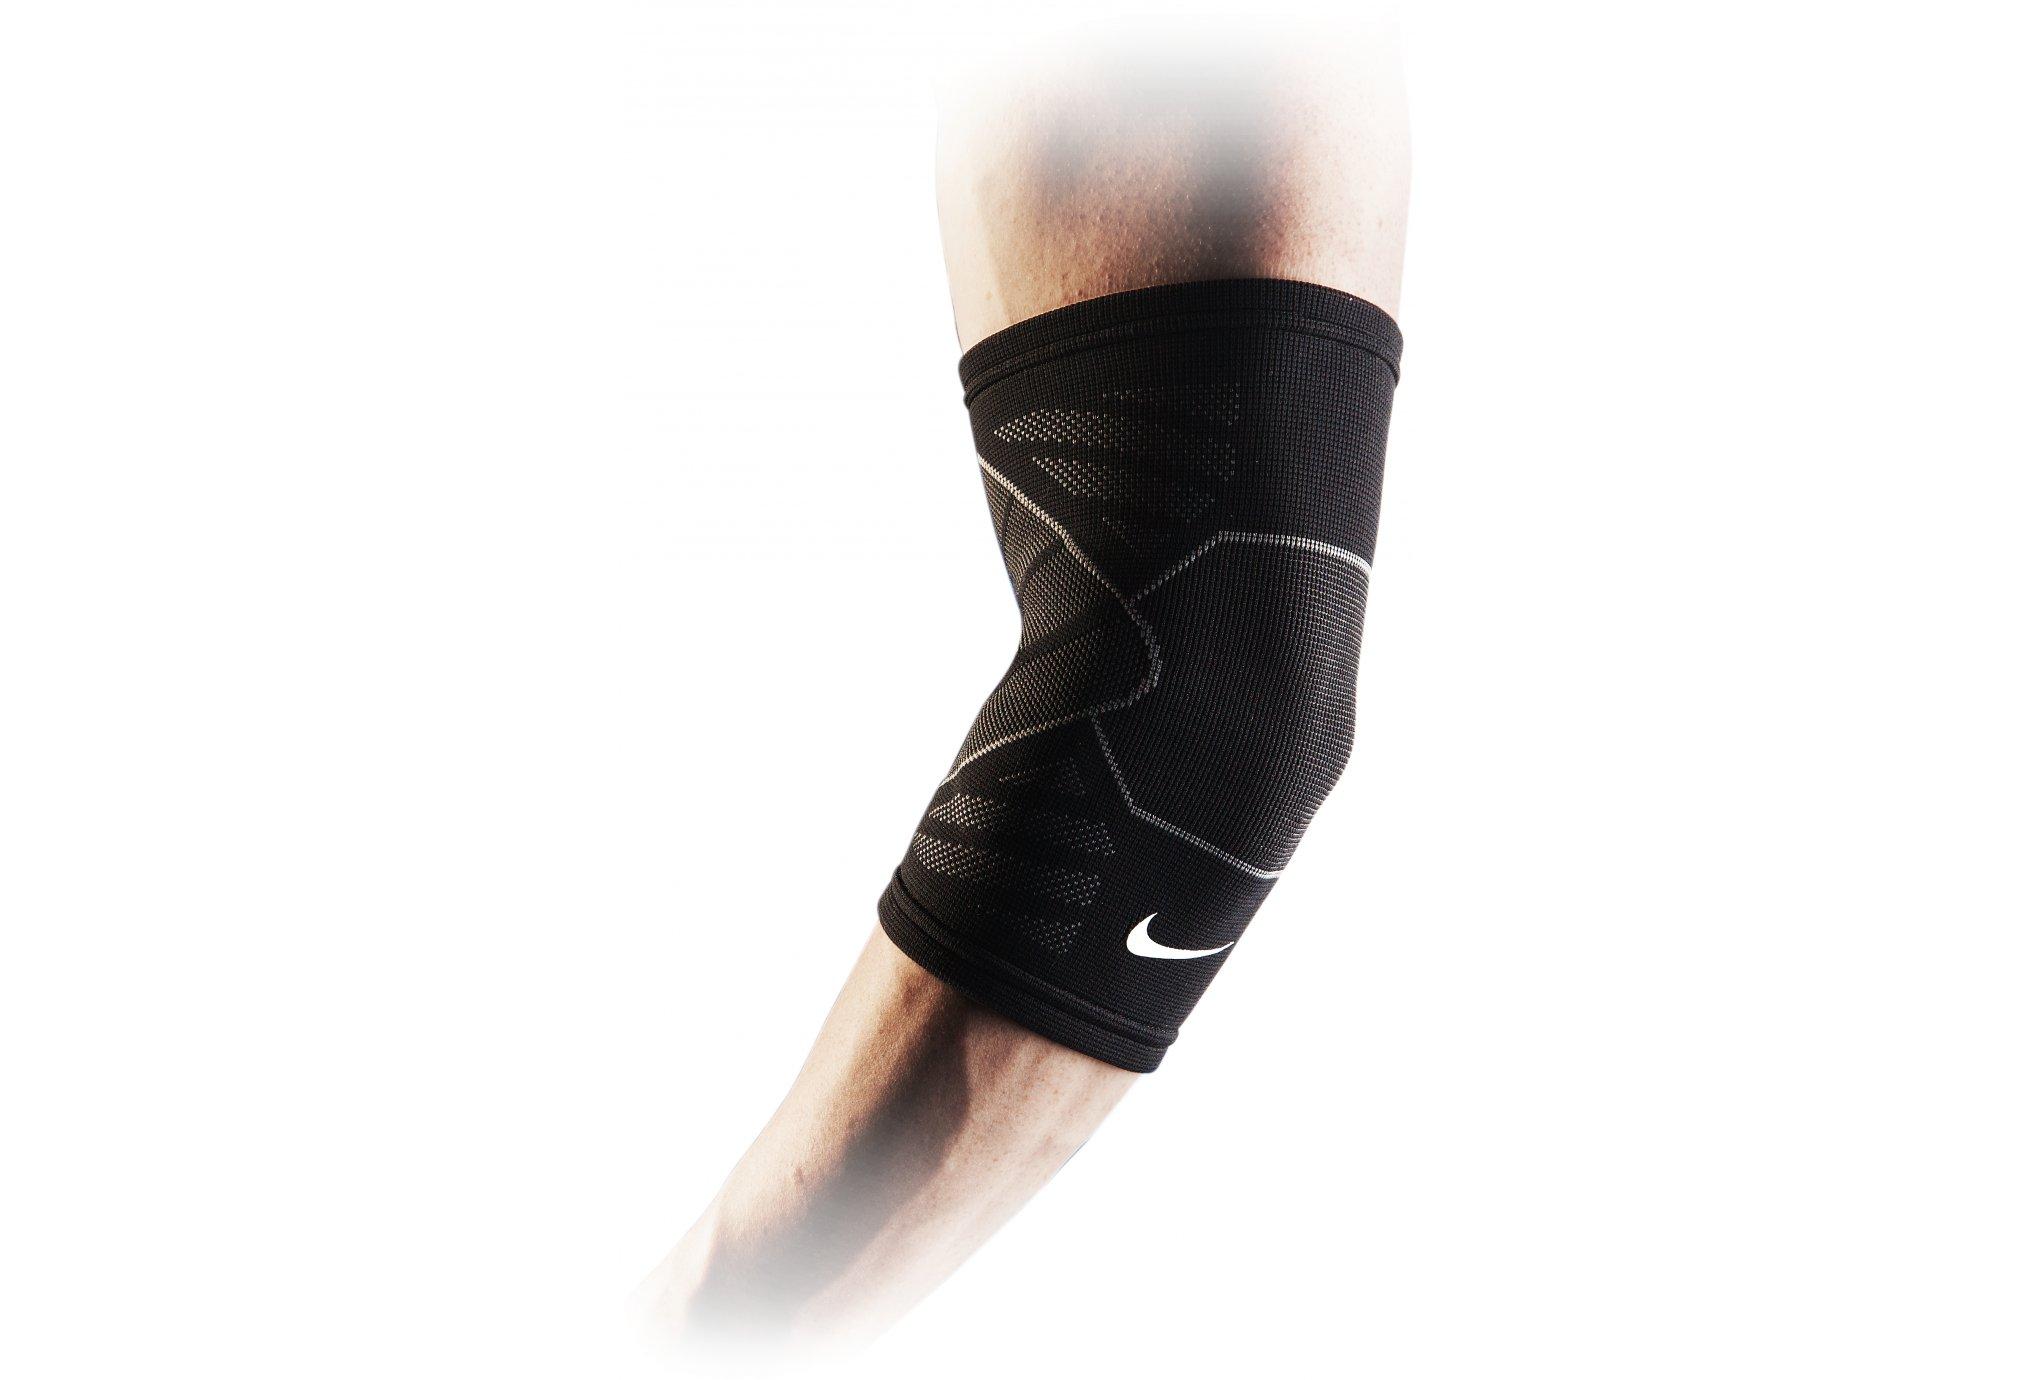 Nike Coudière Advantage Knitted Diététique Accessoires